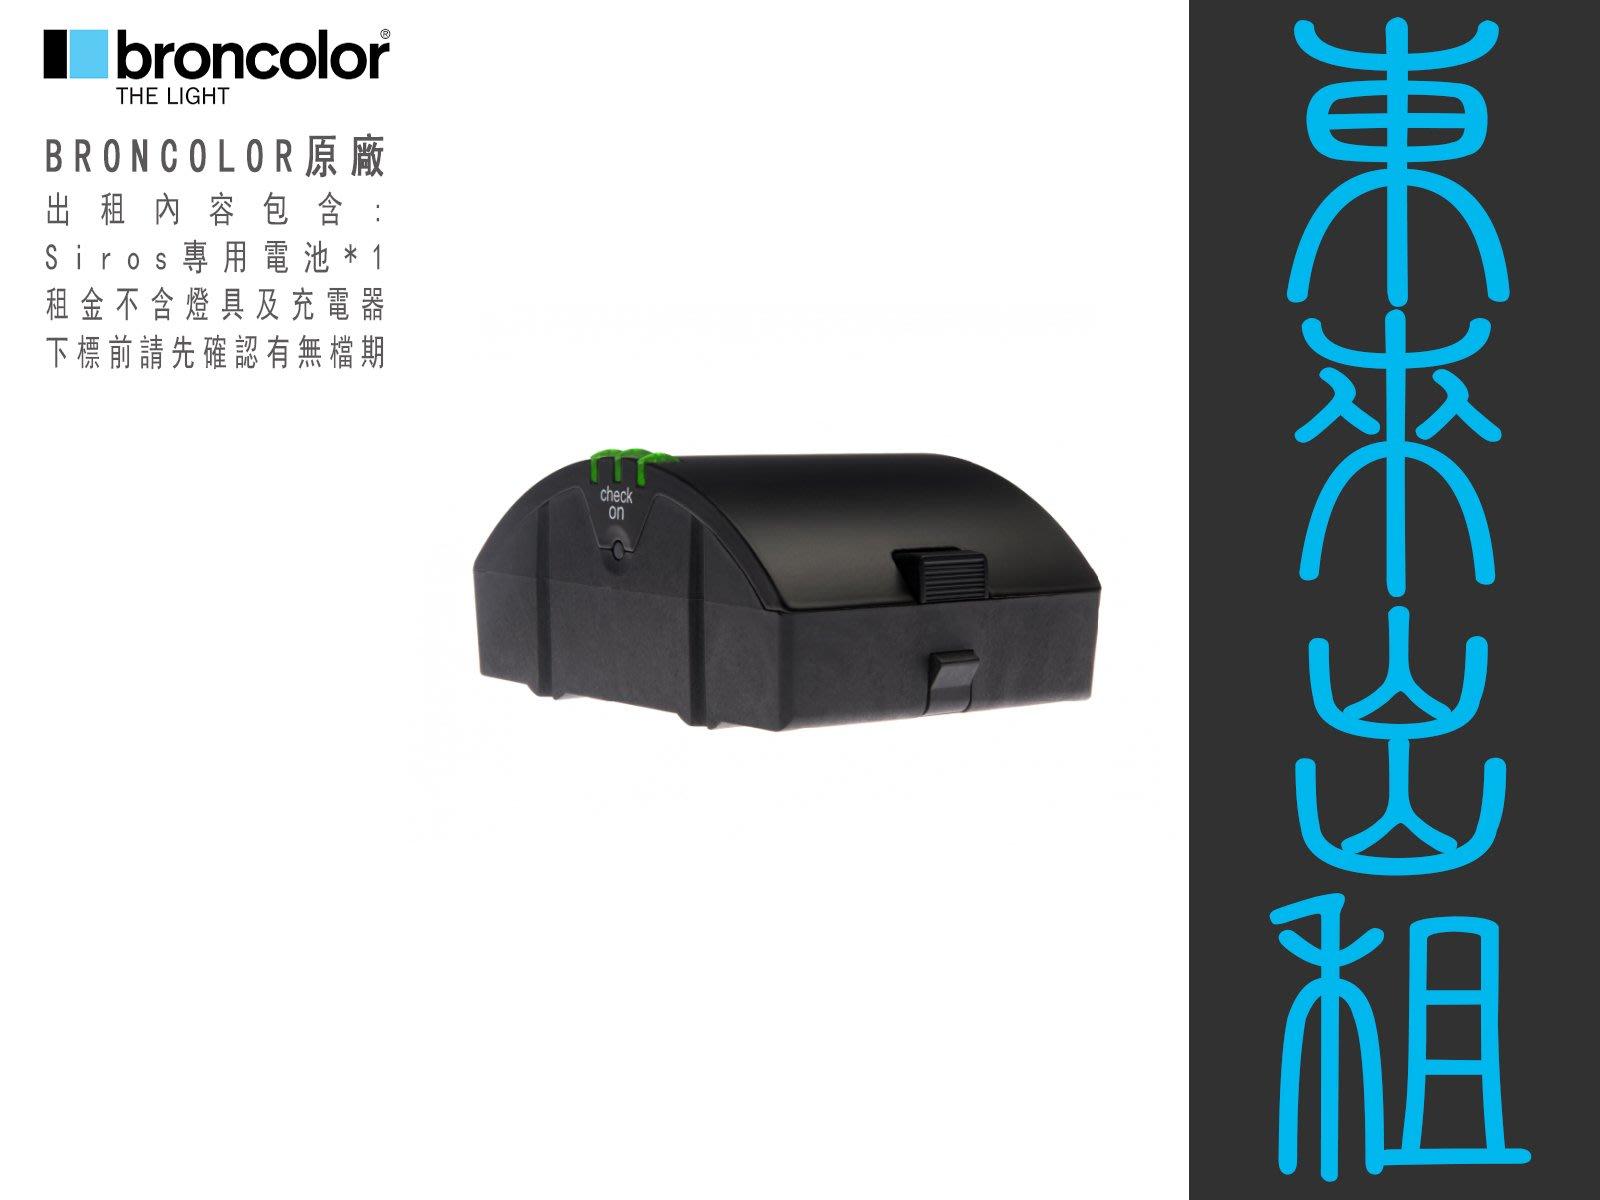 東來攝影器材出租 BRONCOLOR 原廠 SIROS 專用電池 出租